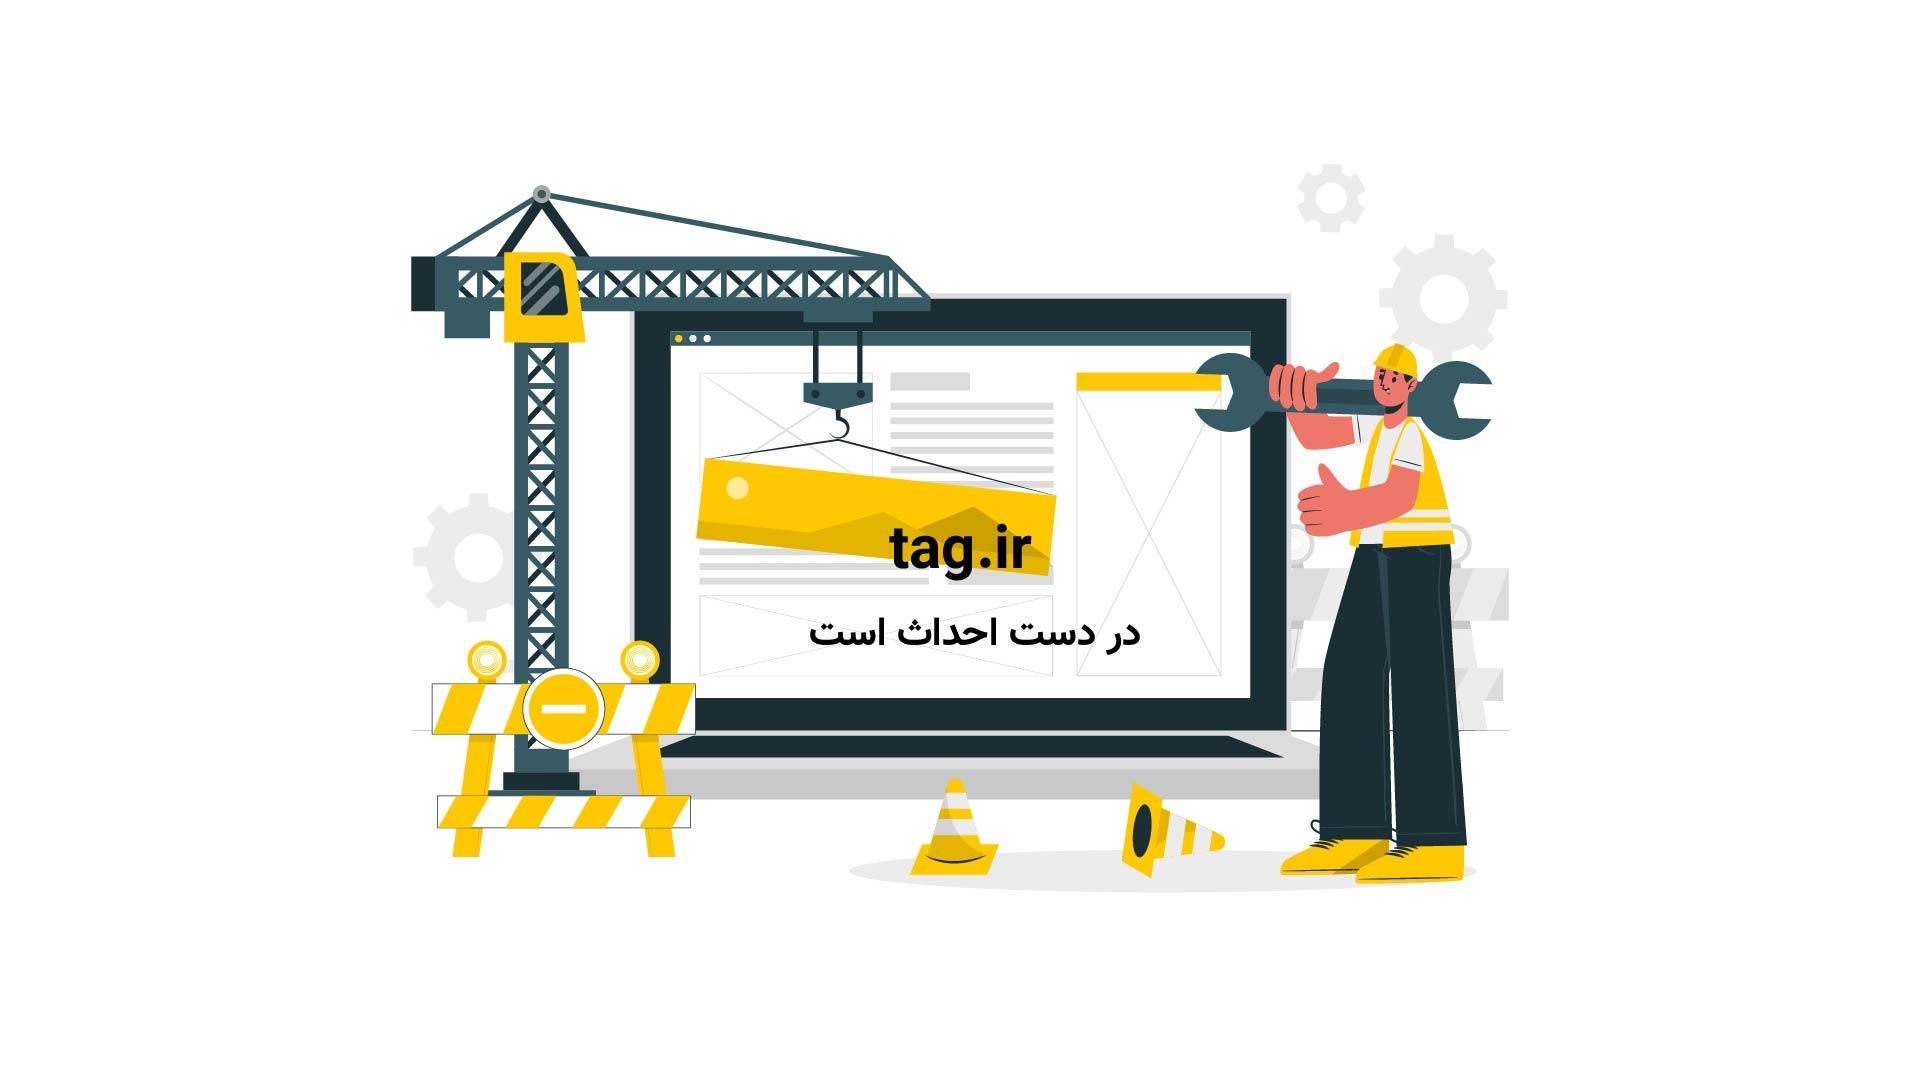 بوکمال-سوریه | تگ